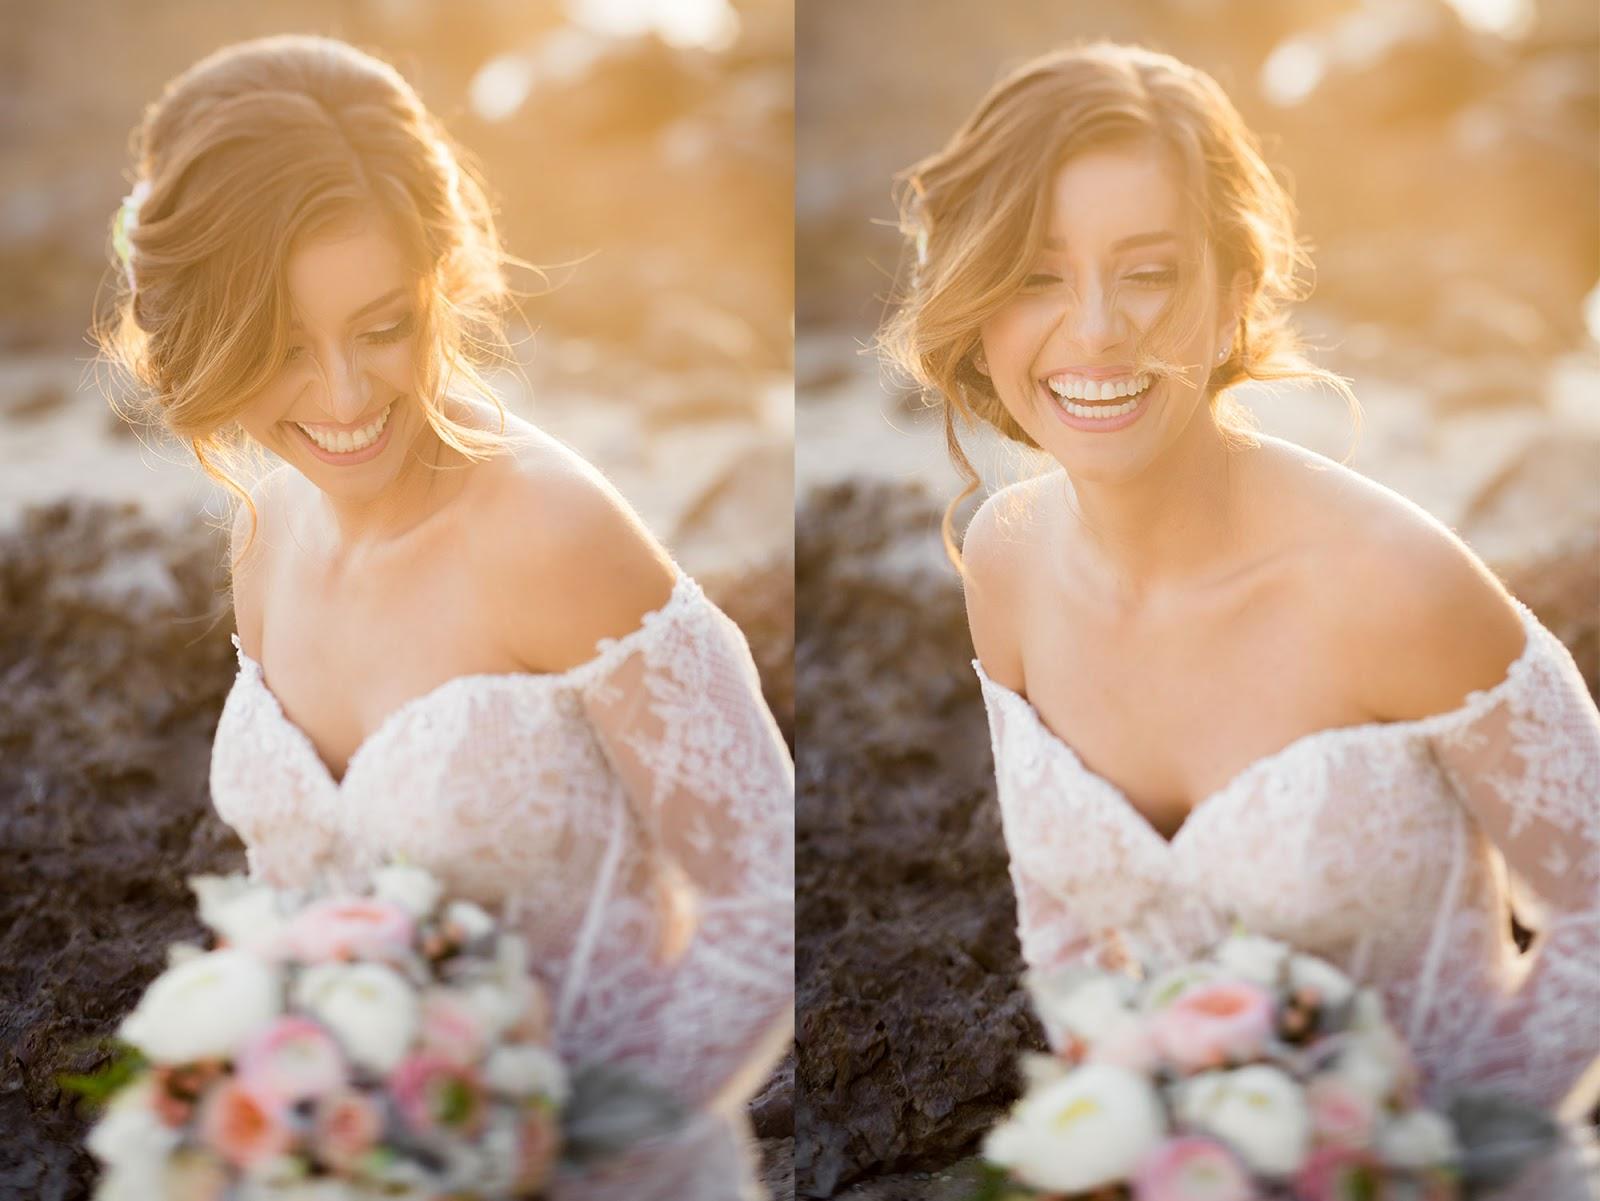 Красивые позы для фото на свадьбе